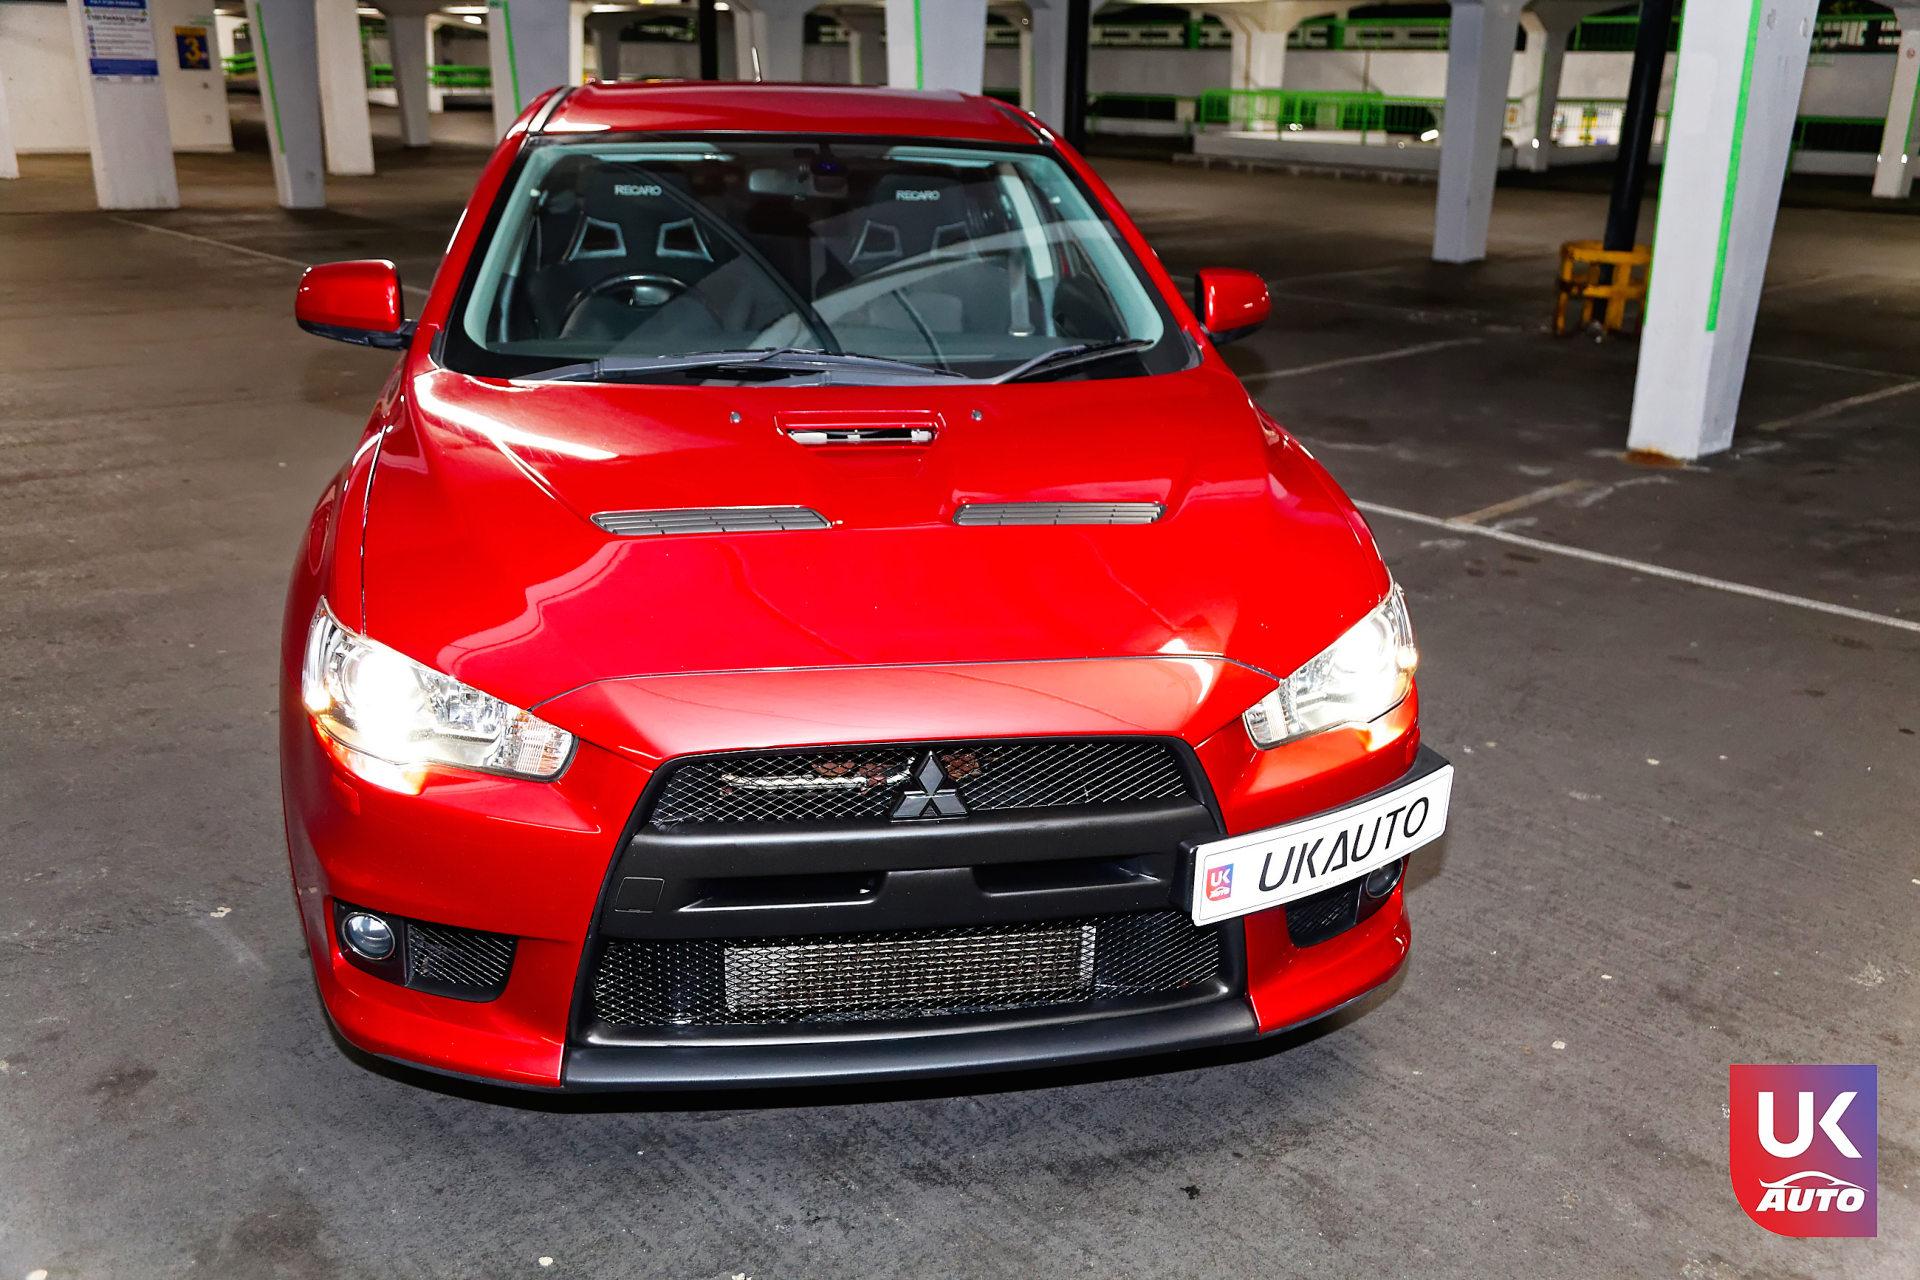 Mitsubishi Lancer evolution x GSR FQ 300 evo uk import voiture occasion2 DxO - Import Mitsubishi angleterre Lancer evolution x GSR FQ 300 Mitsubishi Import voiture Angleterre Autoscout angleterre